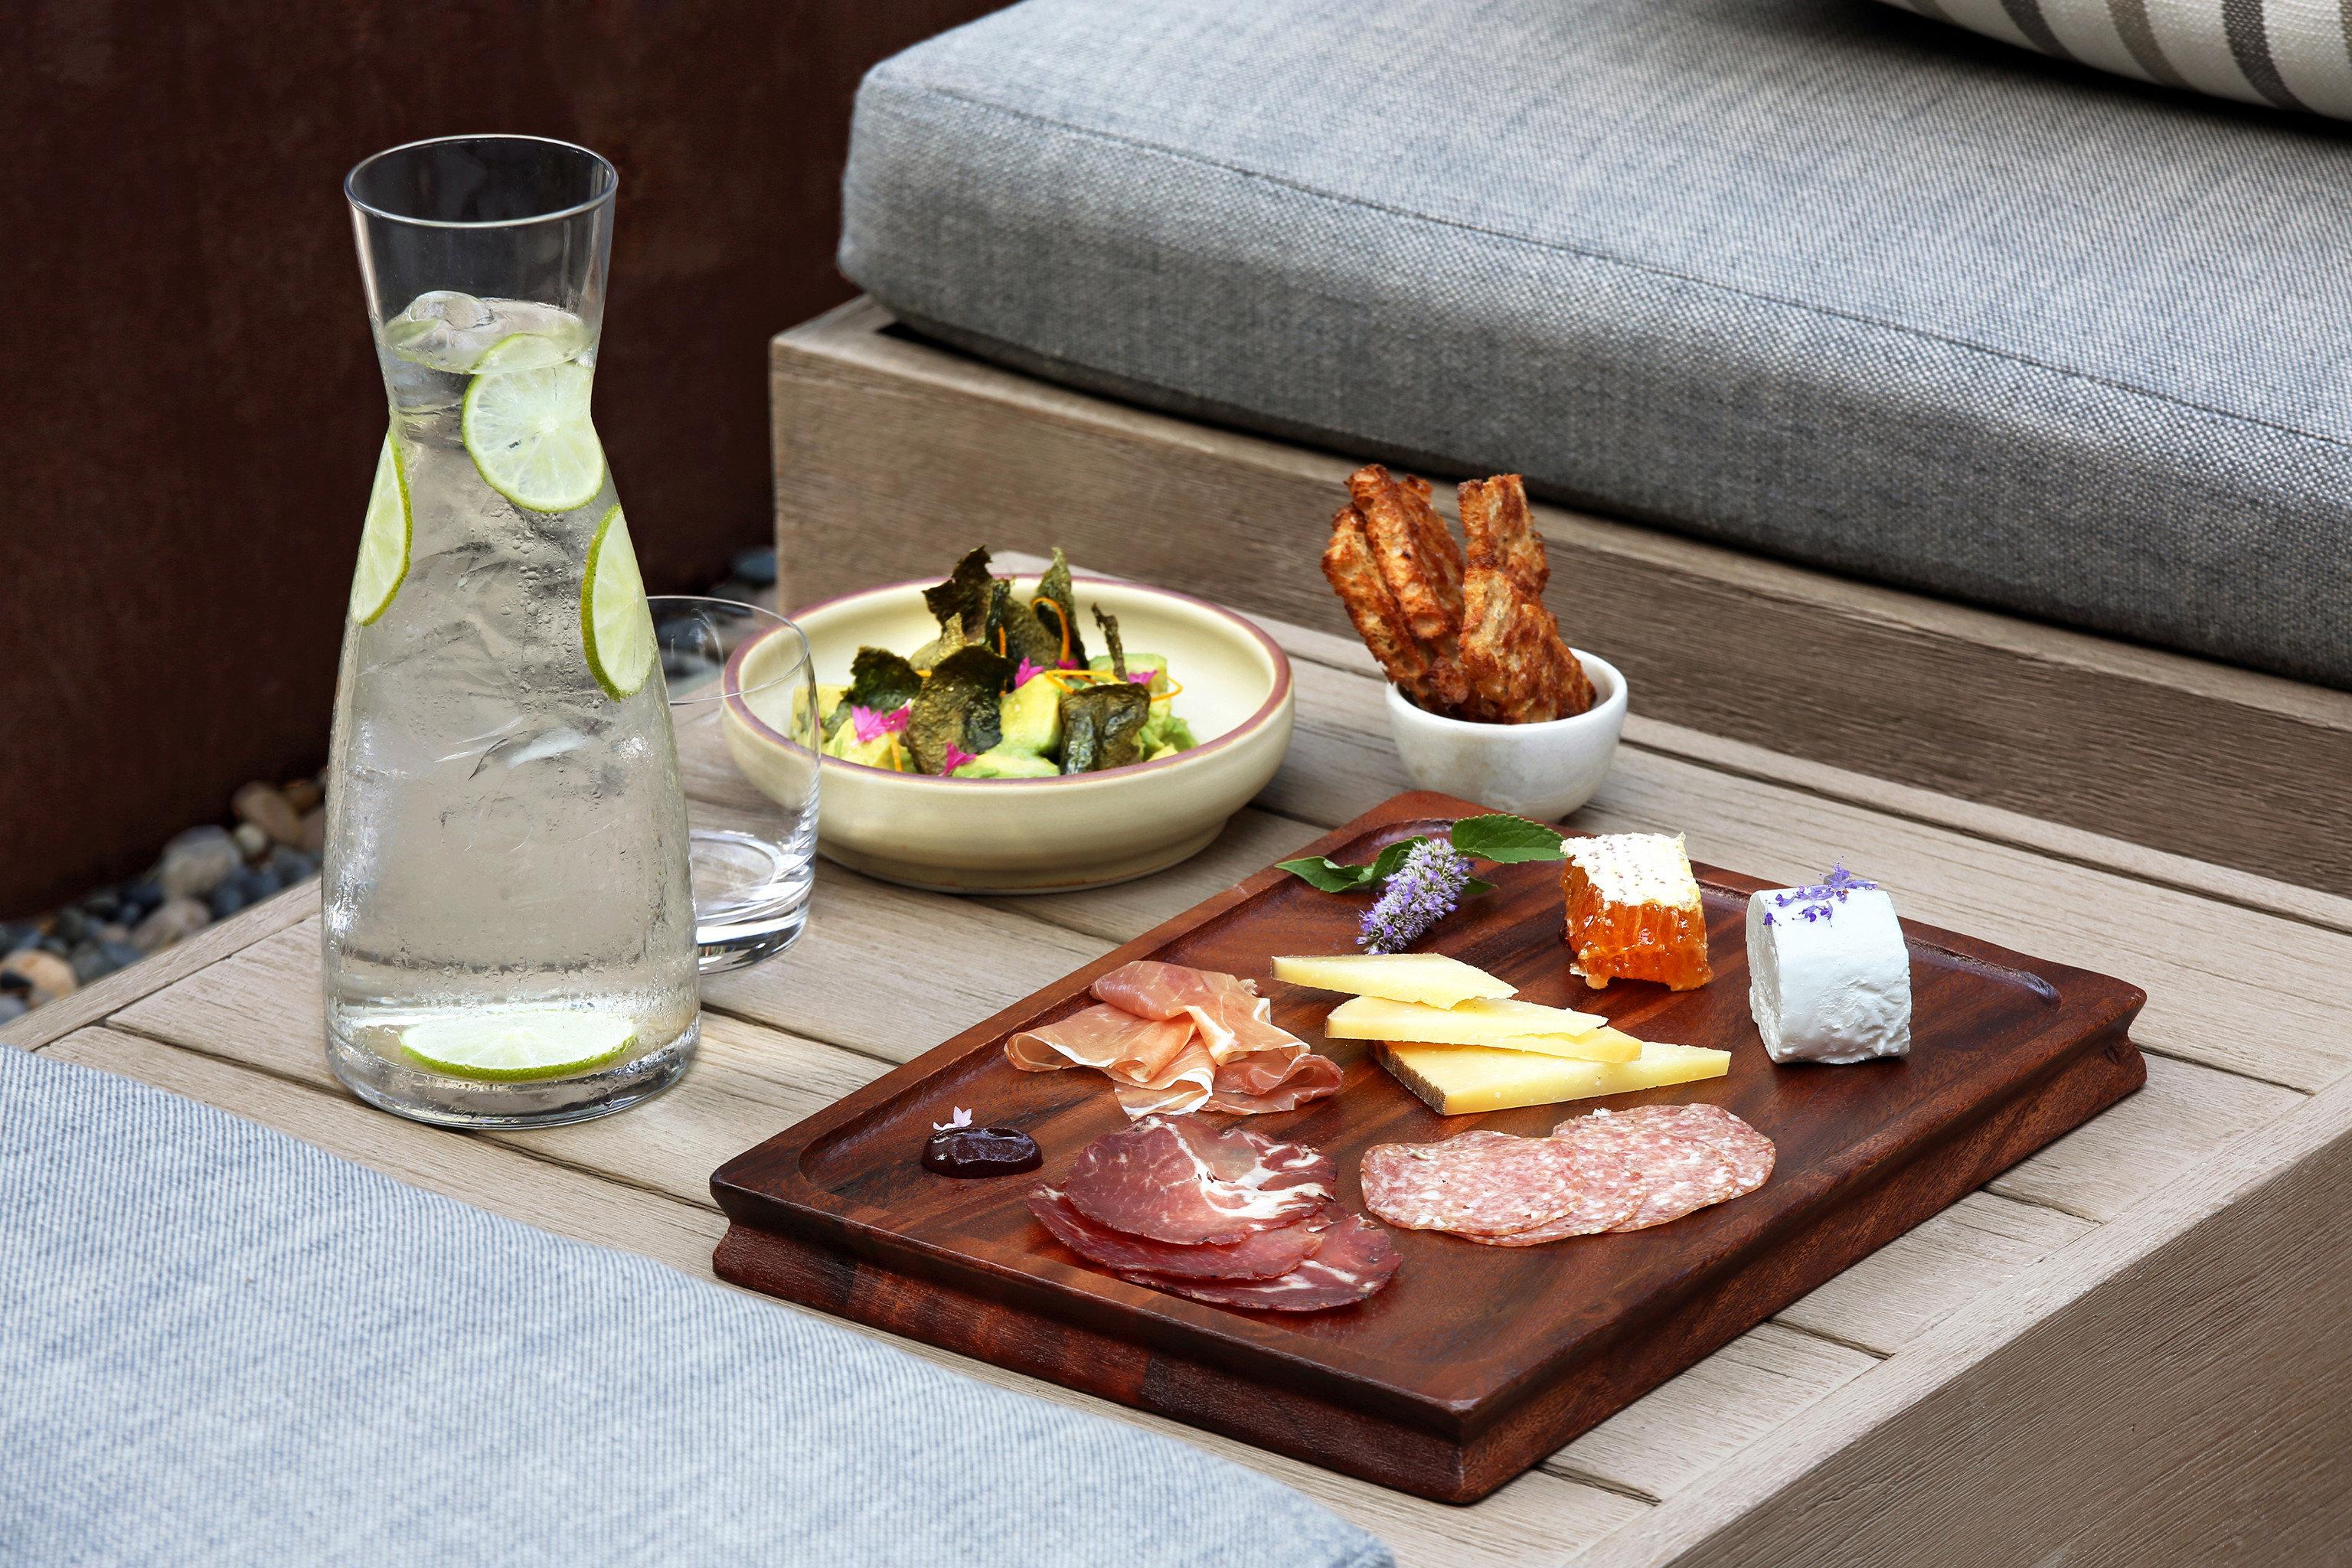 Hotels Romance food coffee brunch Drink breakfast cuisine full breakfast finger food appetizer